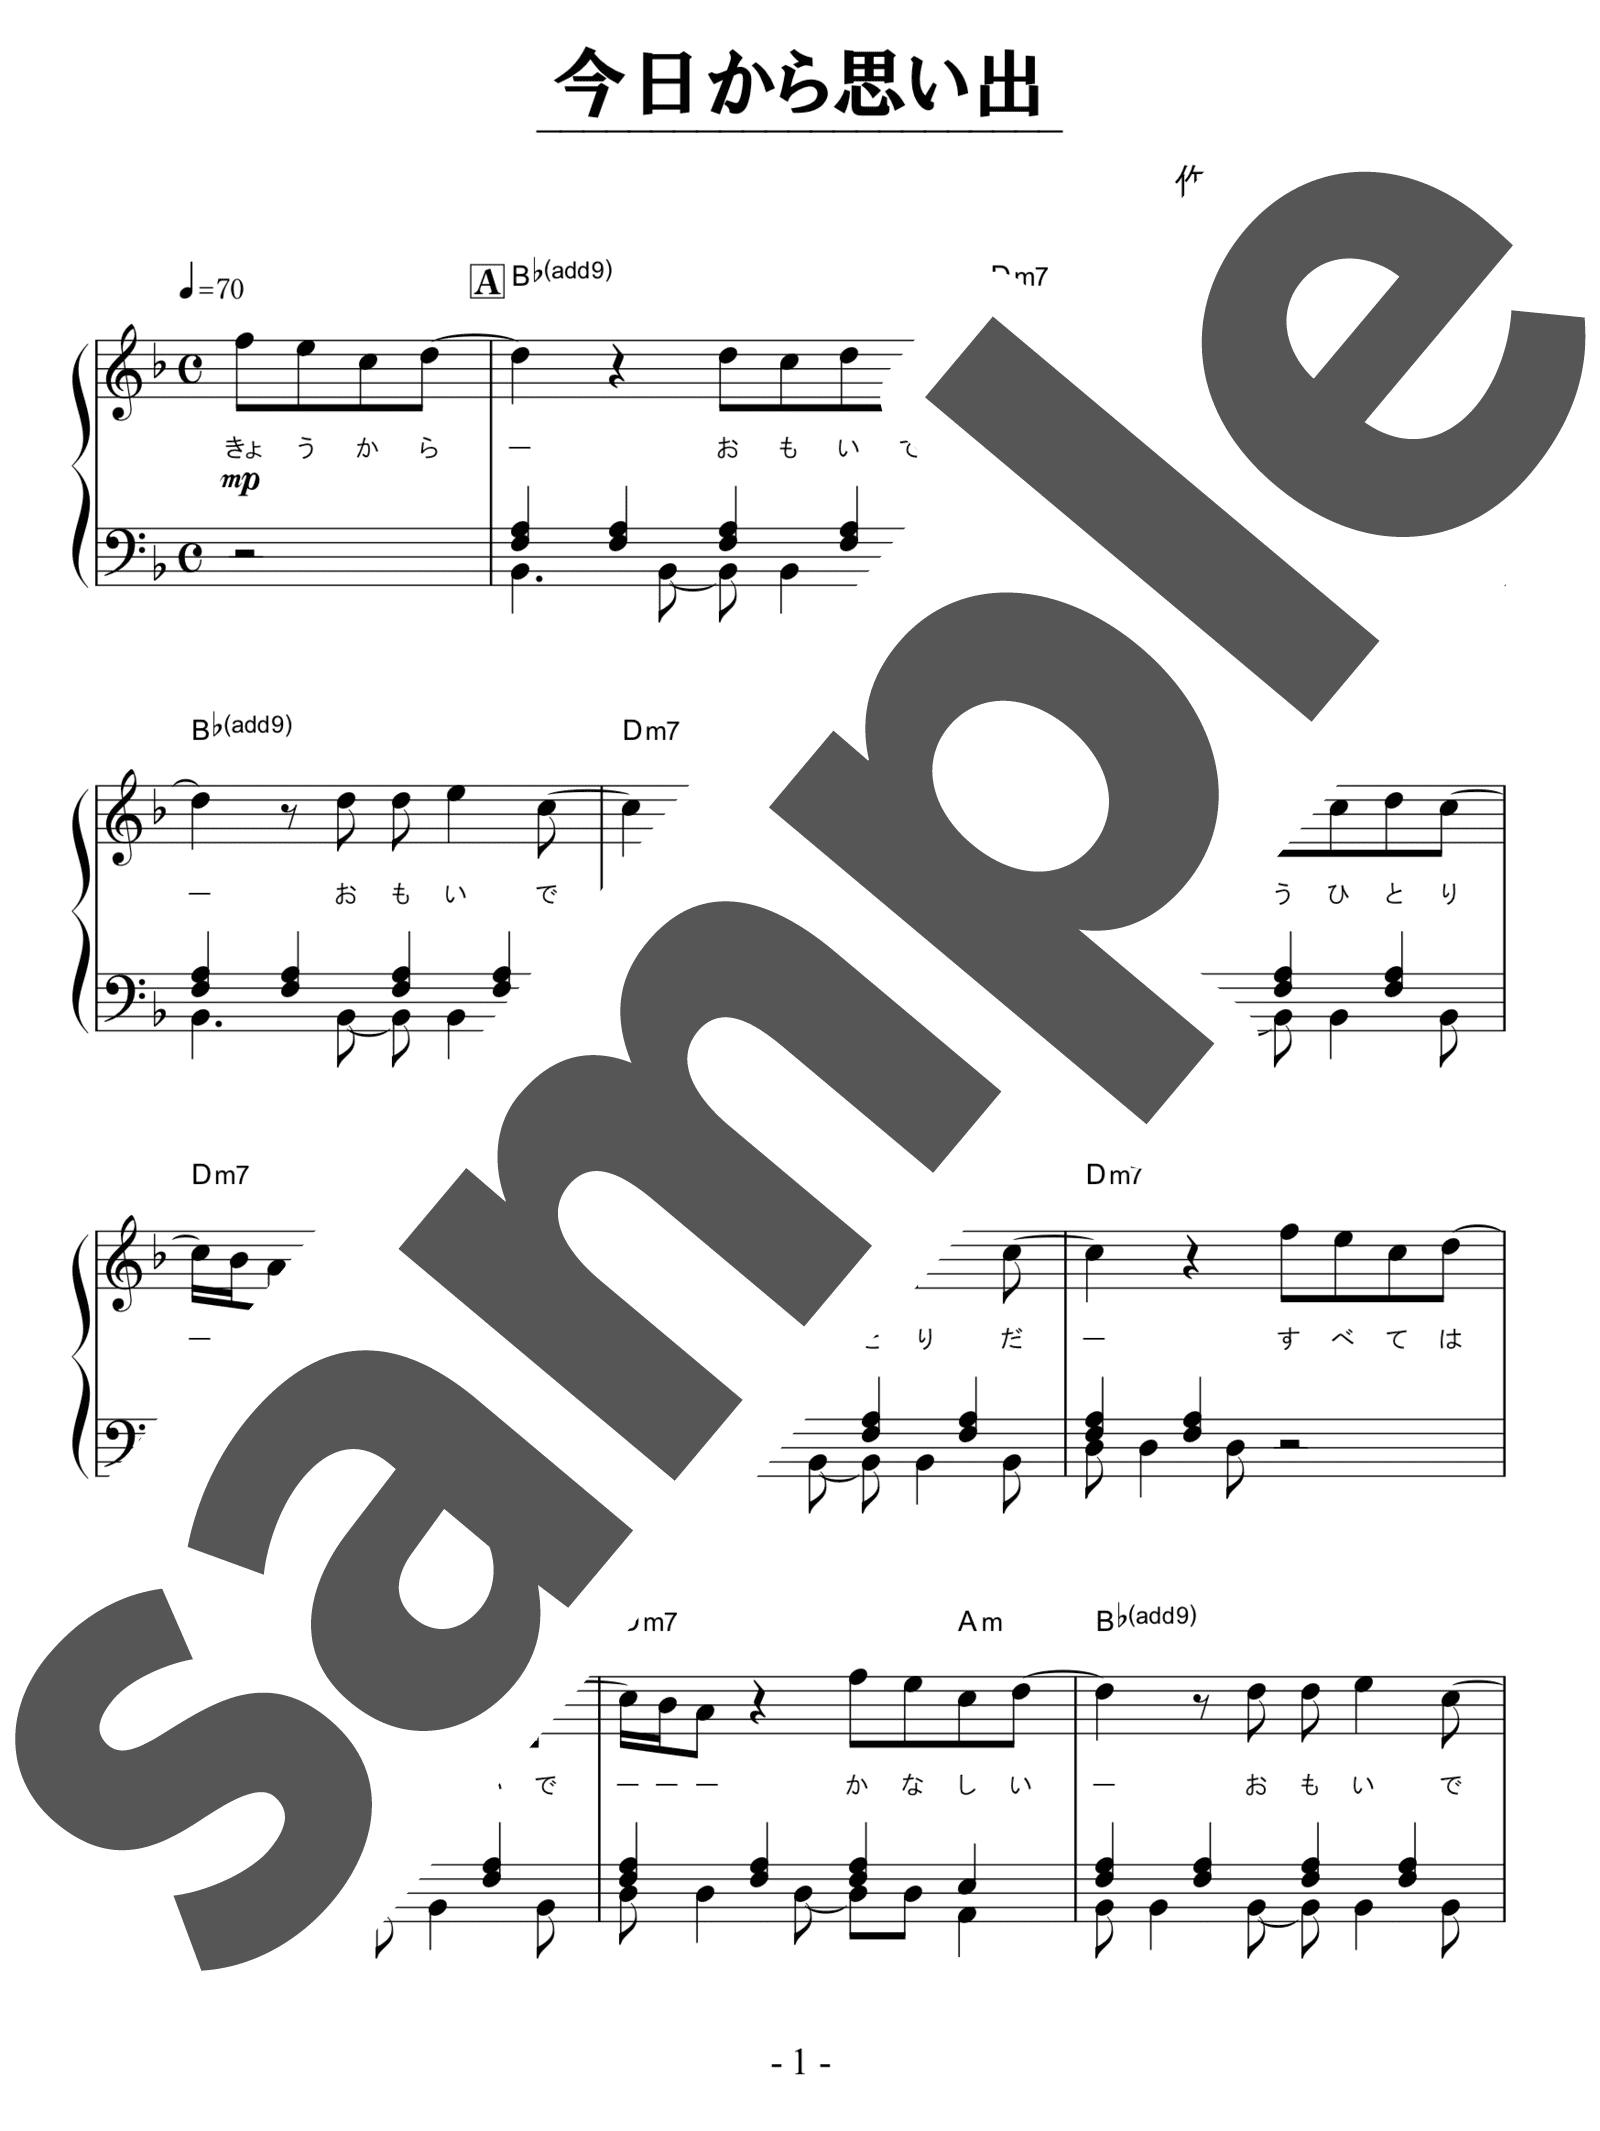 「今日から思い出」のサンプル楽譜